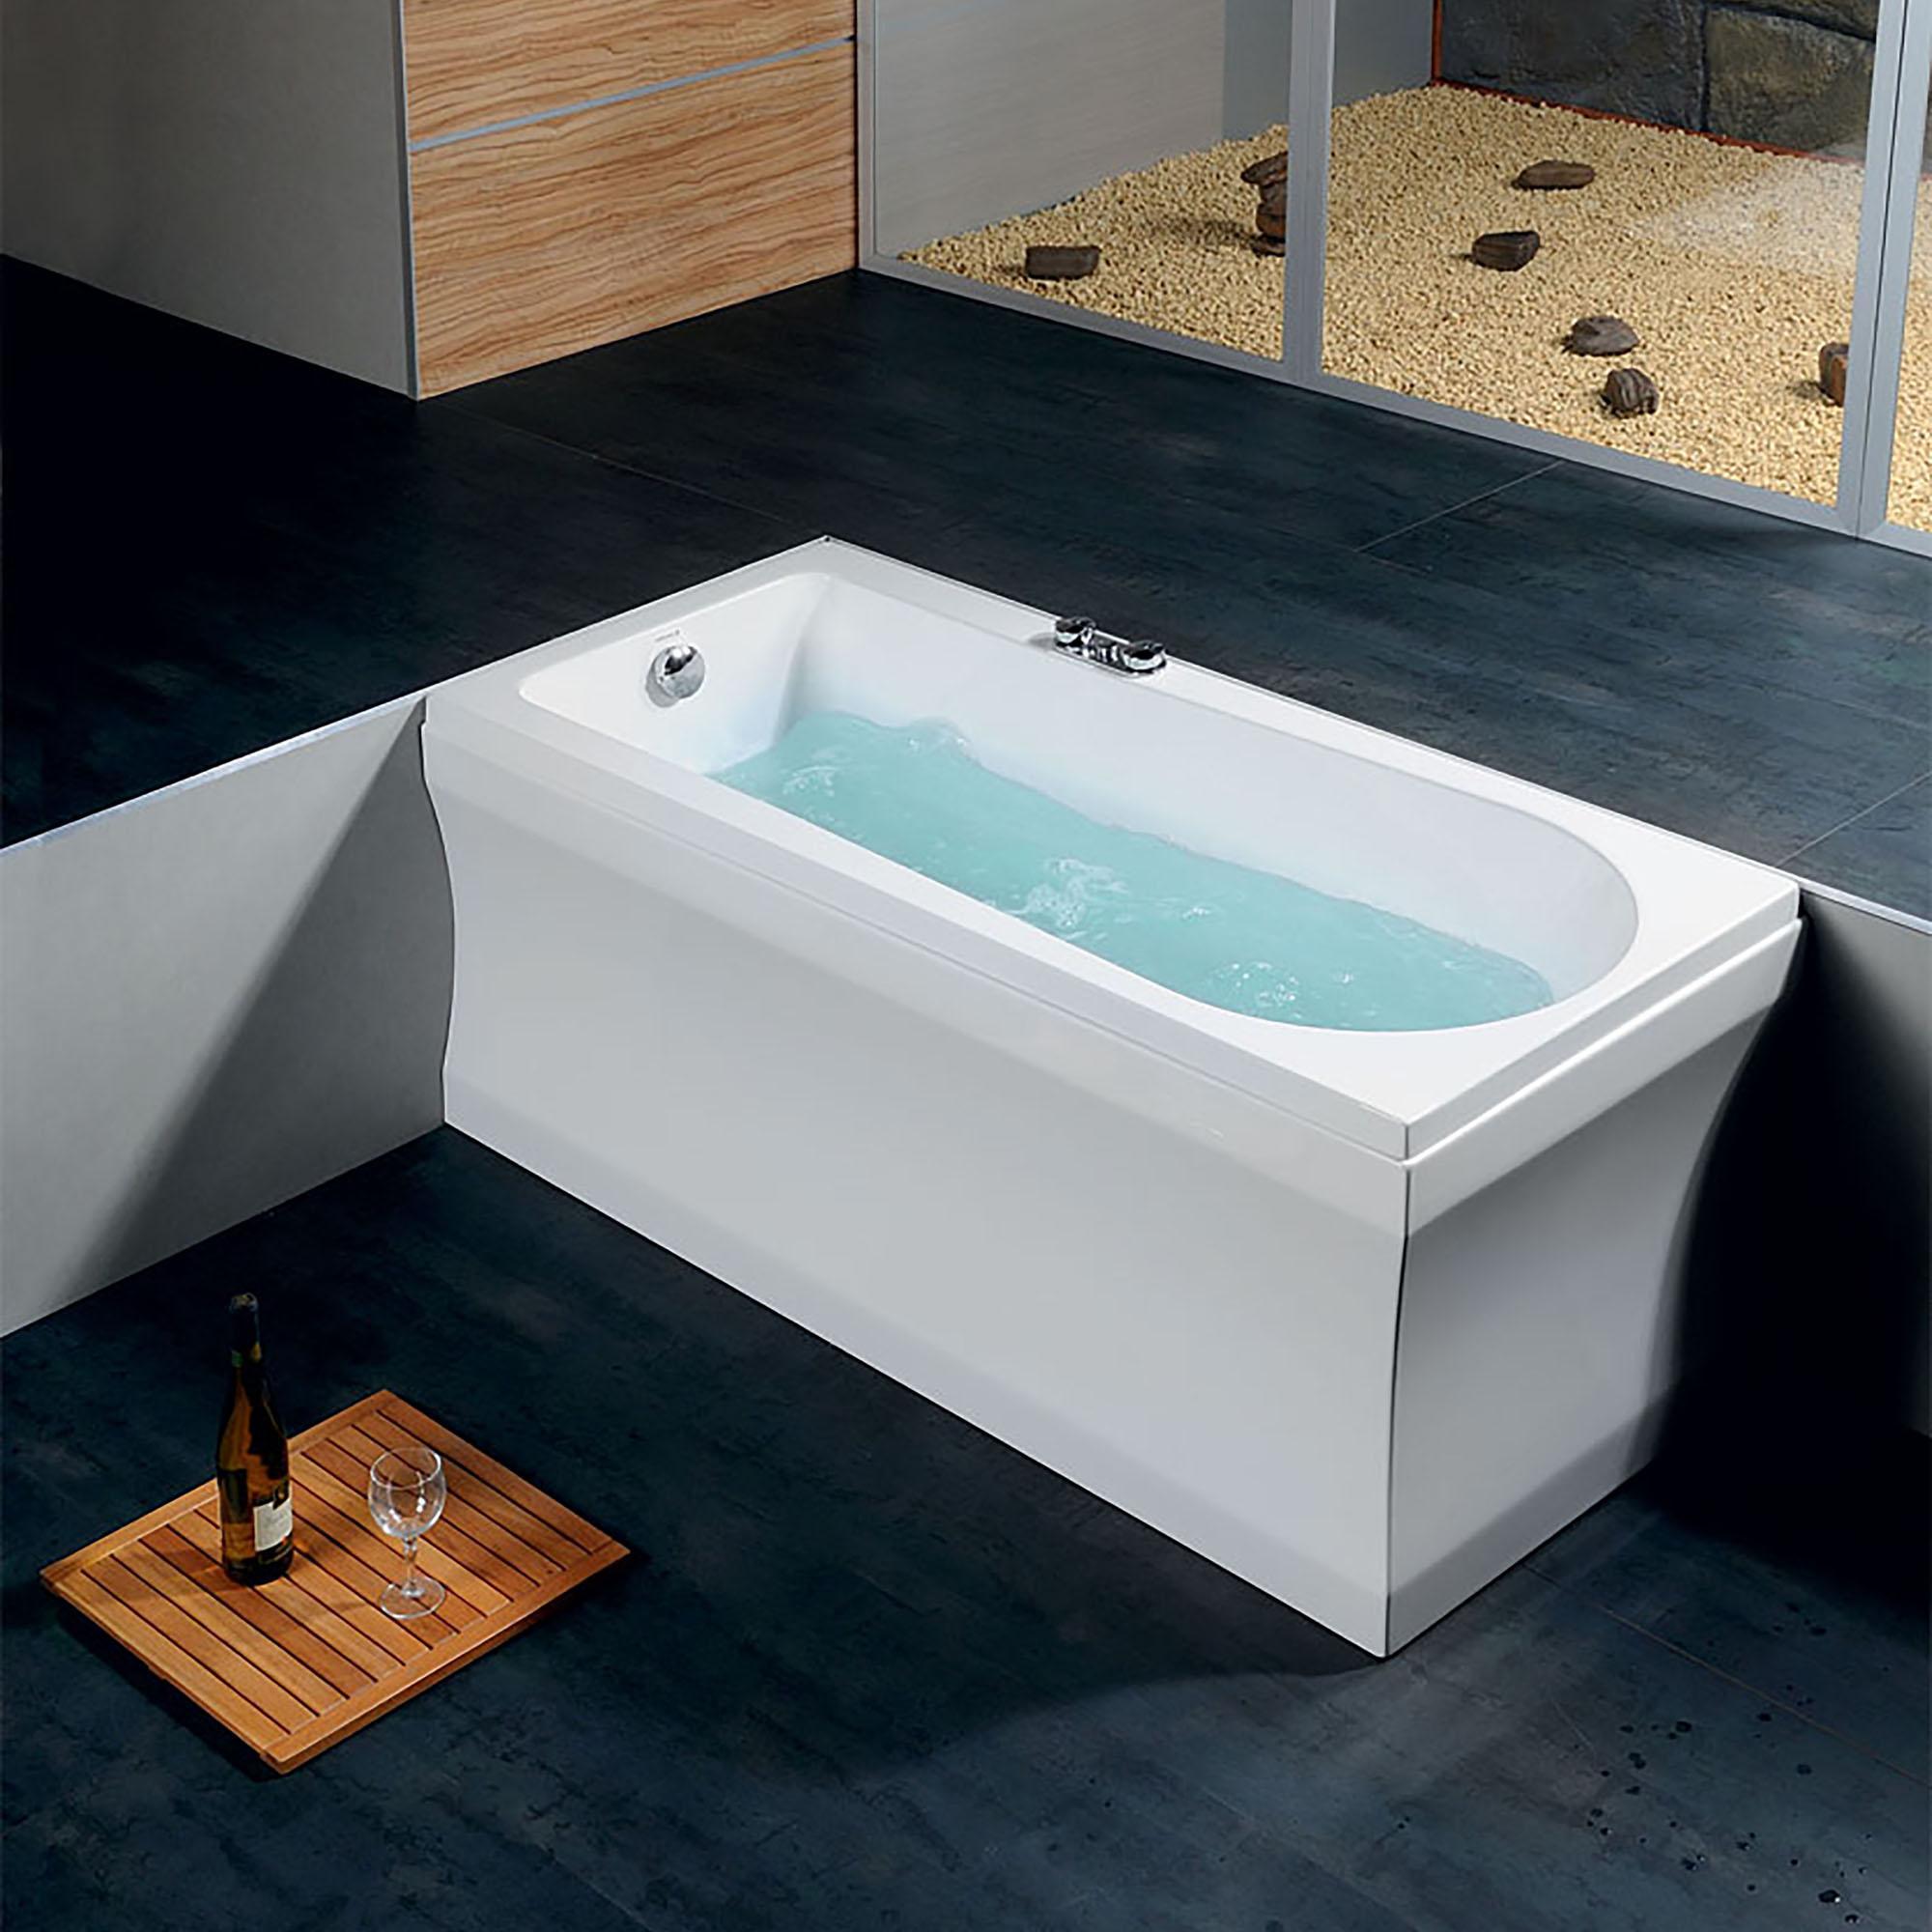 Акриловая ванна Alpen Lisa 150x70 акриловая ванна alpen diana 150x70 комплект